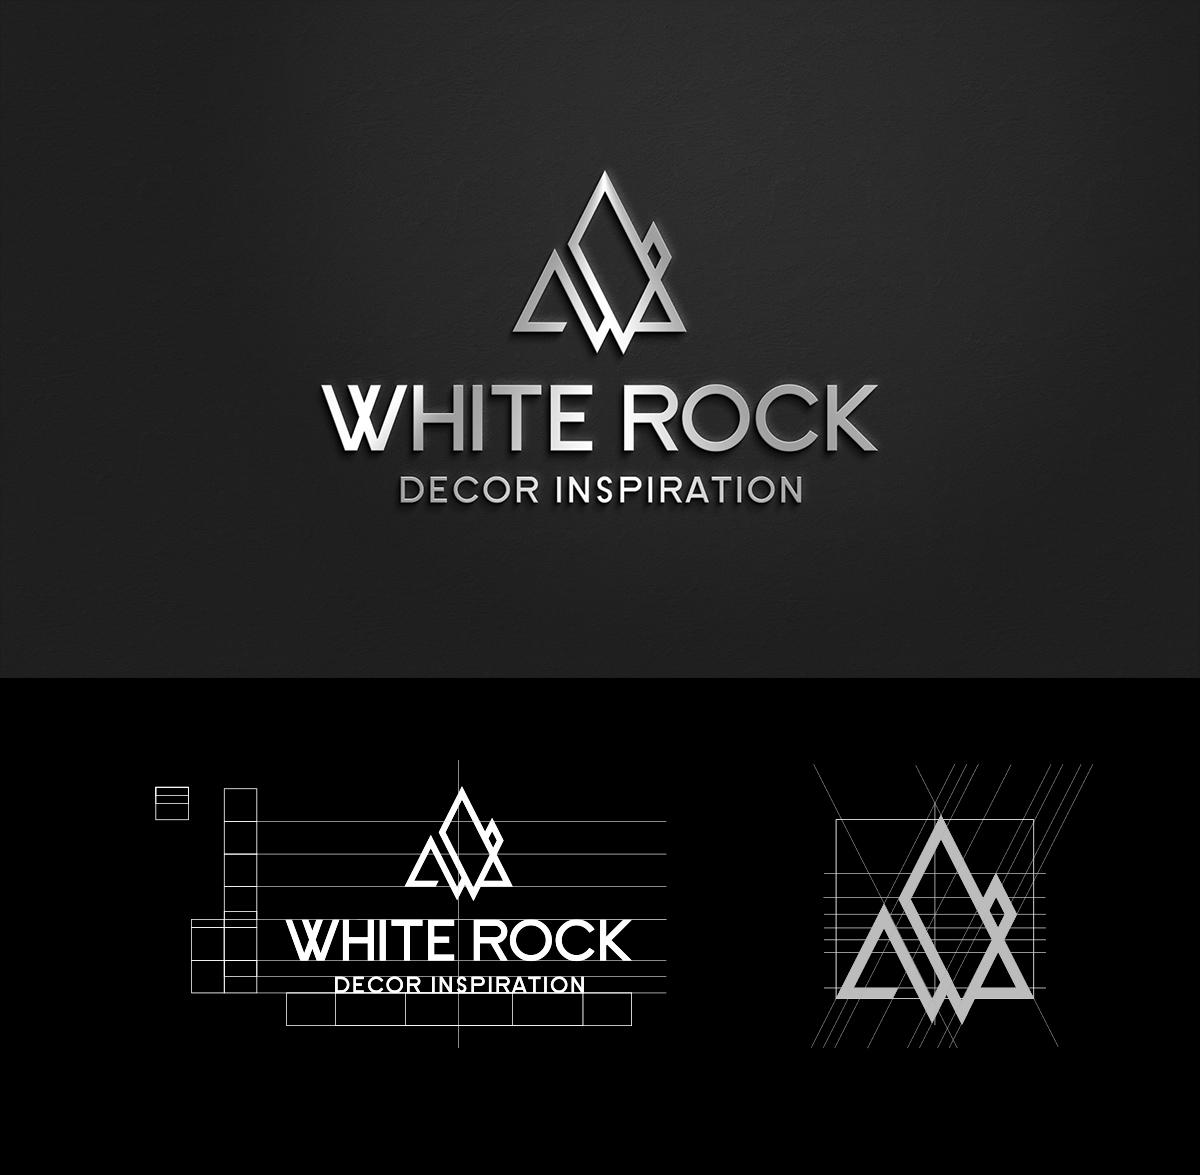 Vhite rock